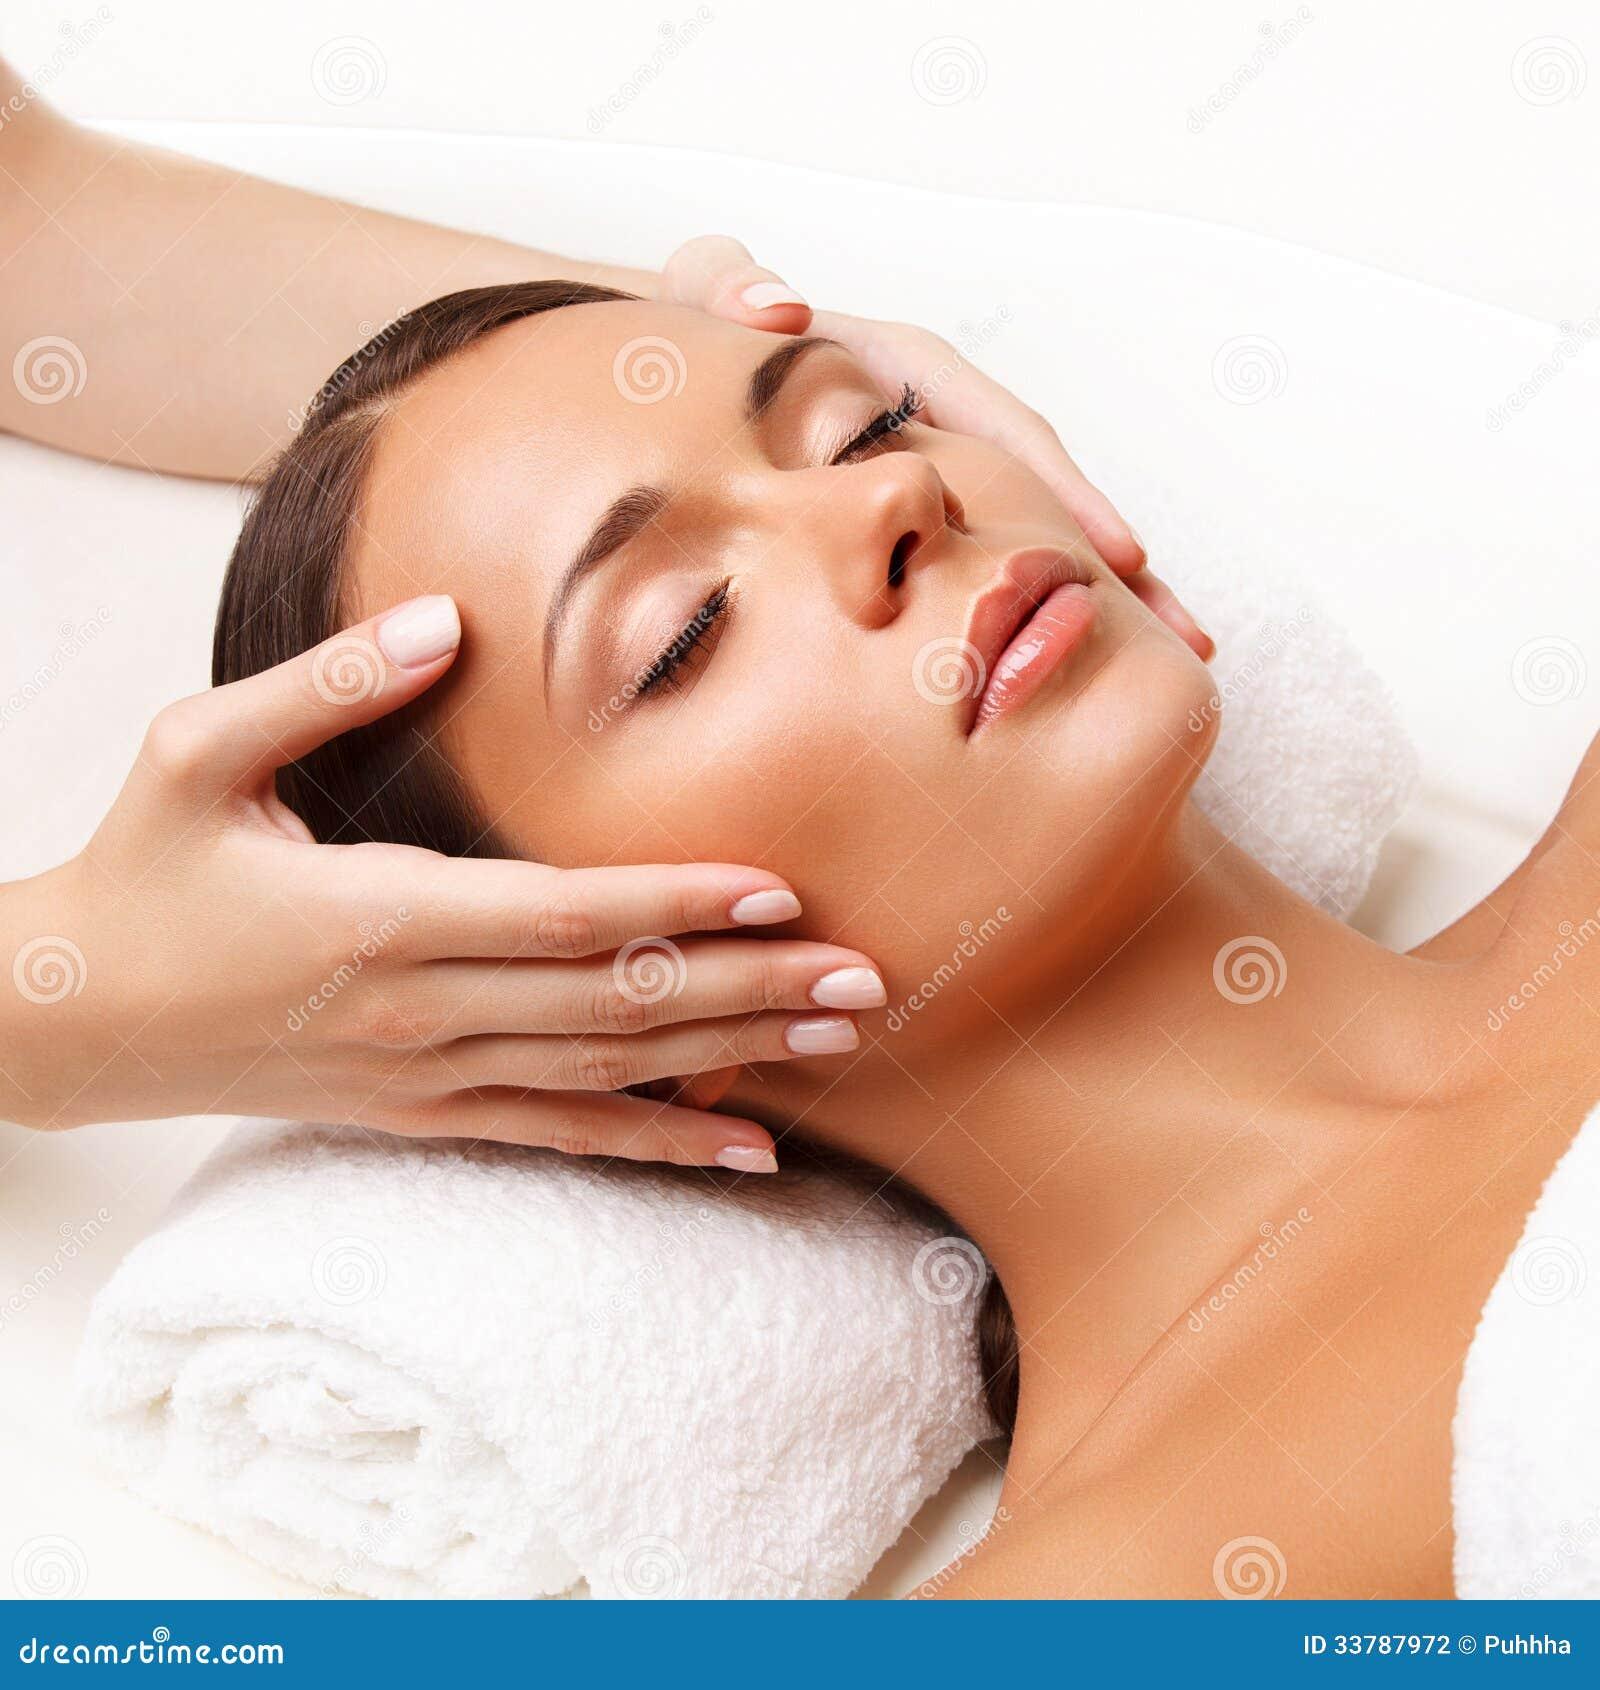 Gesichts-Massage. Nahaufnahme einer jungen Frau, die Badekur erhält.